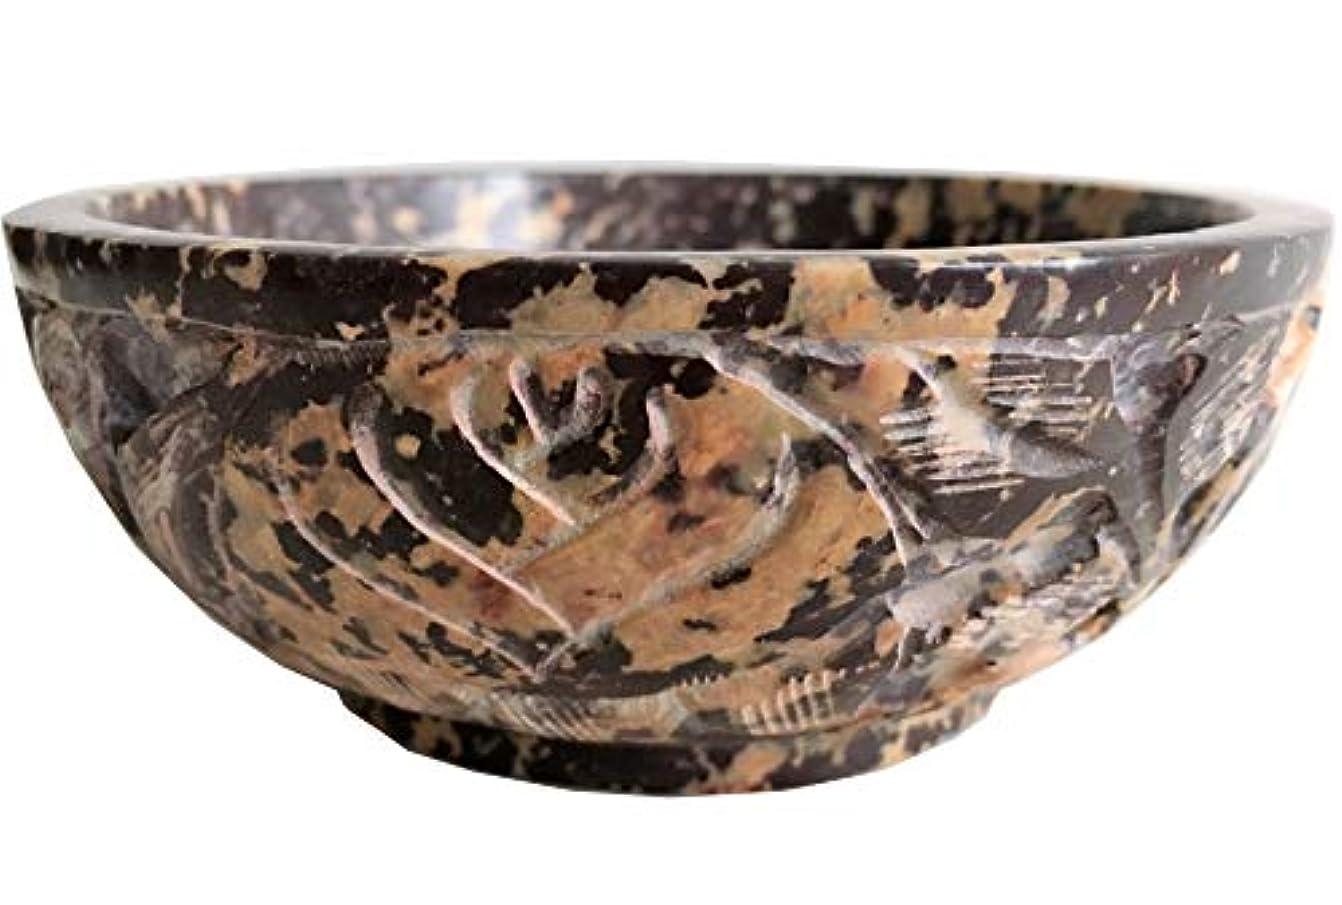 カトリック教徒ラジウム現象ソープストーンIncense Burner Bowl / Smudgeポット/ウィッカRitual Offeringボウル5